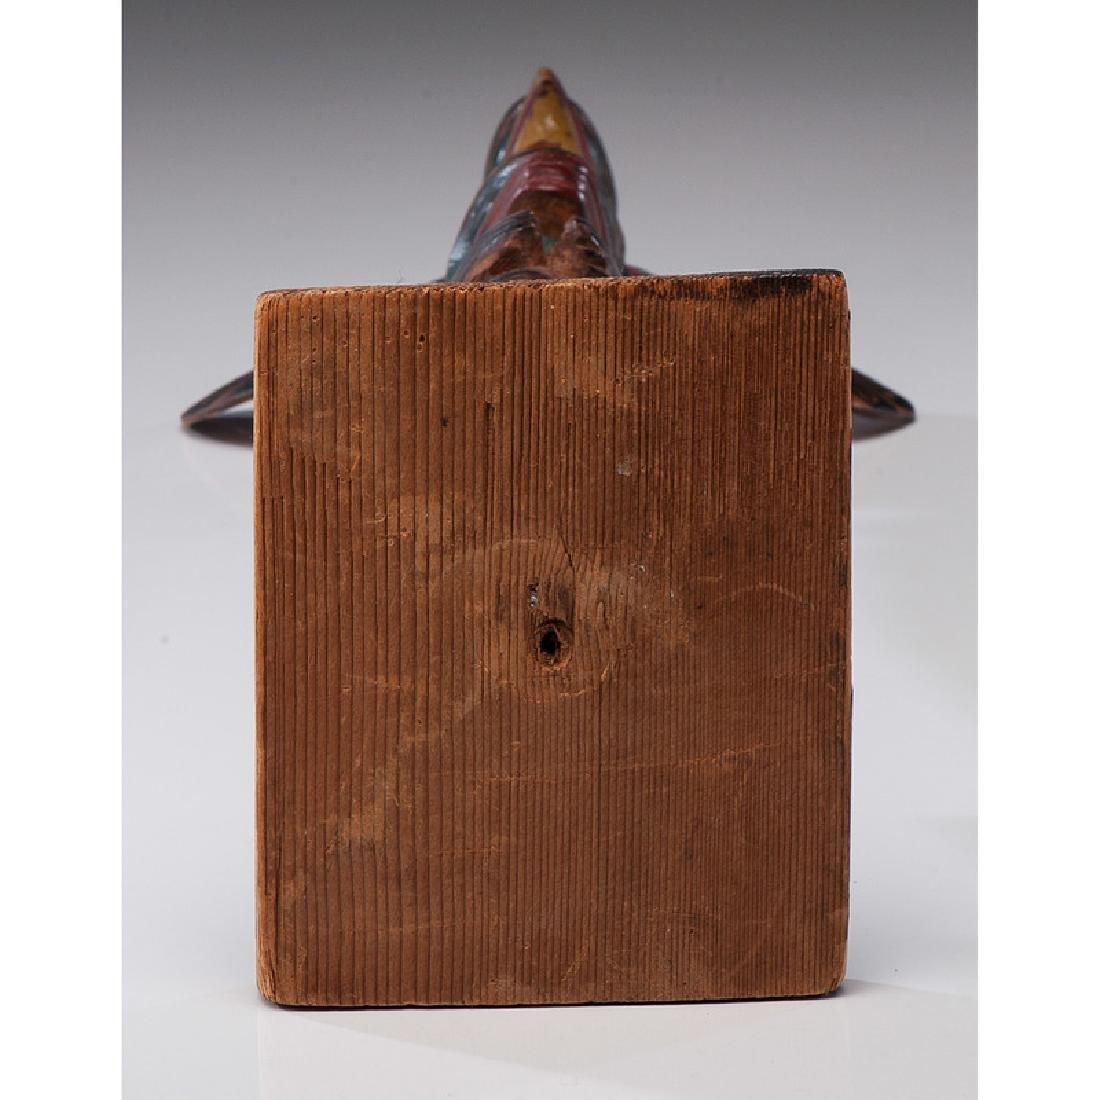 Northwest Coast Carved Wood Model Totem Pole - 8